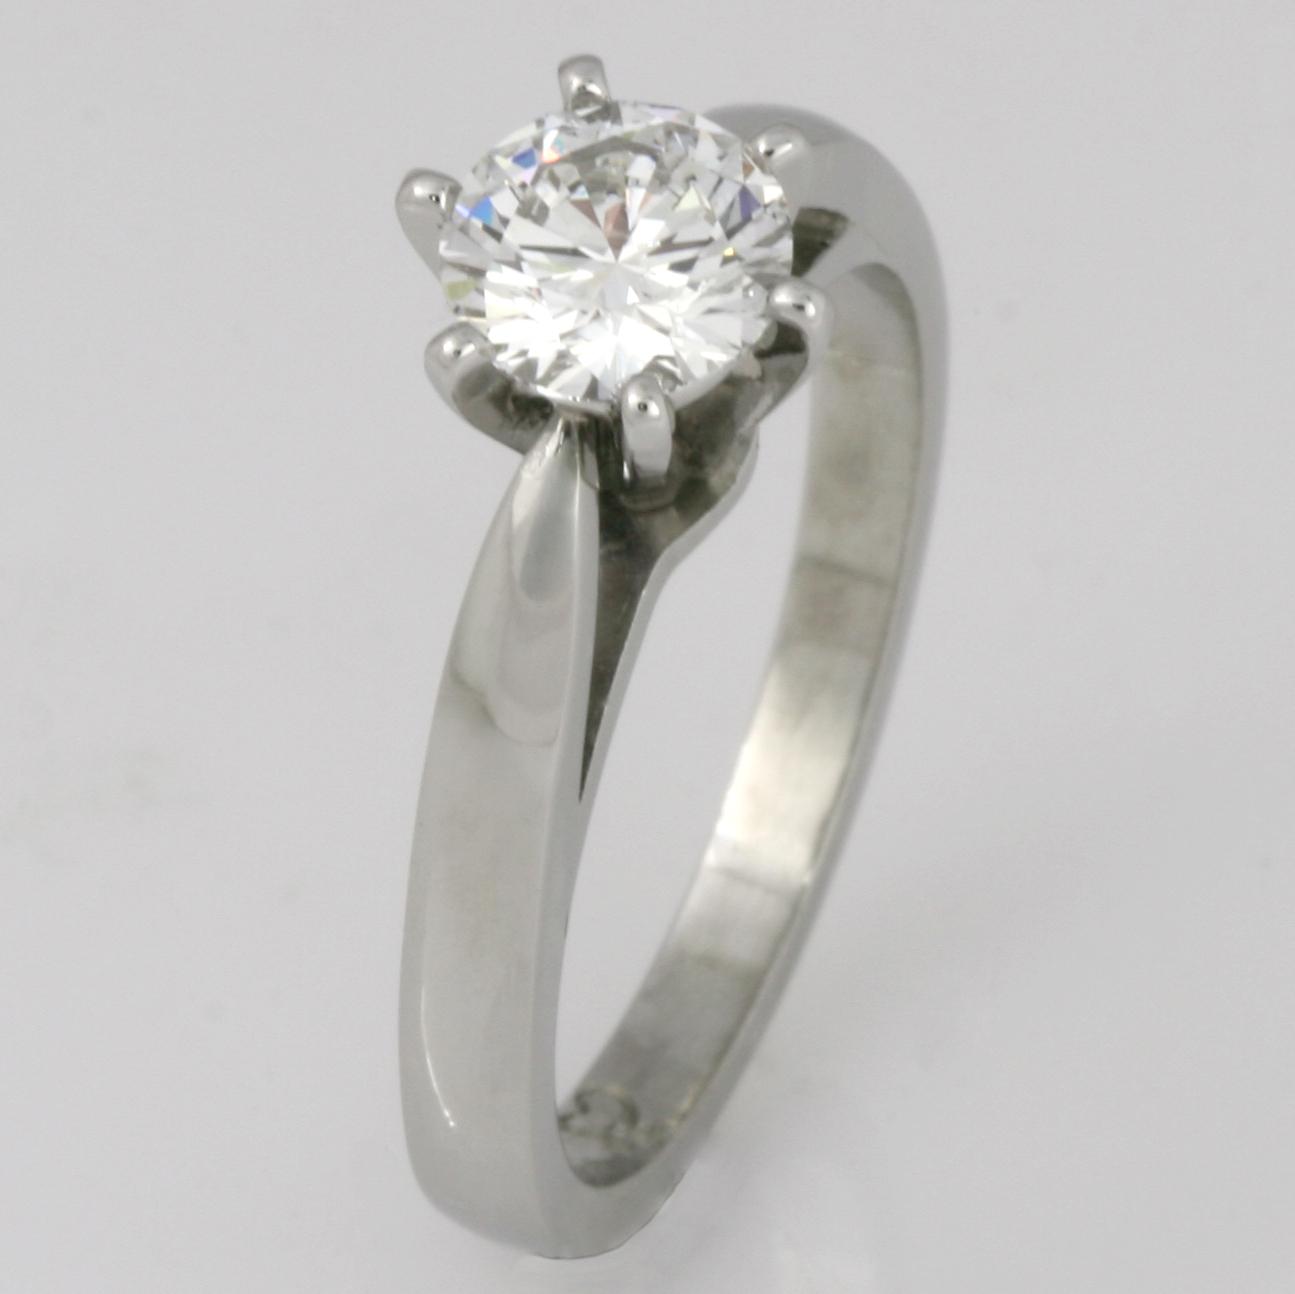 Handmade ladies platinum brilliant cut diamond engagement ring